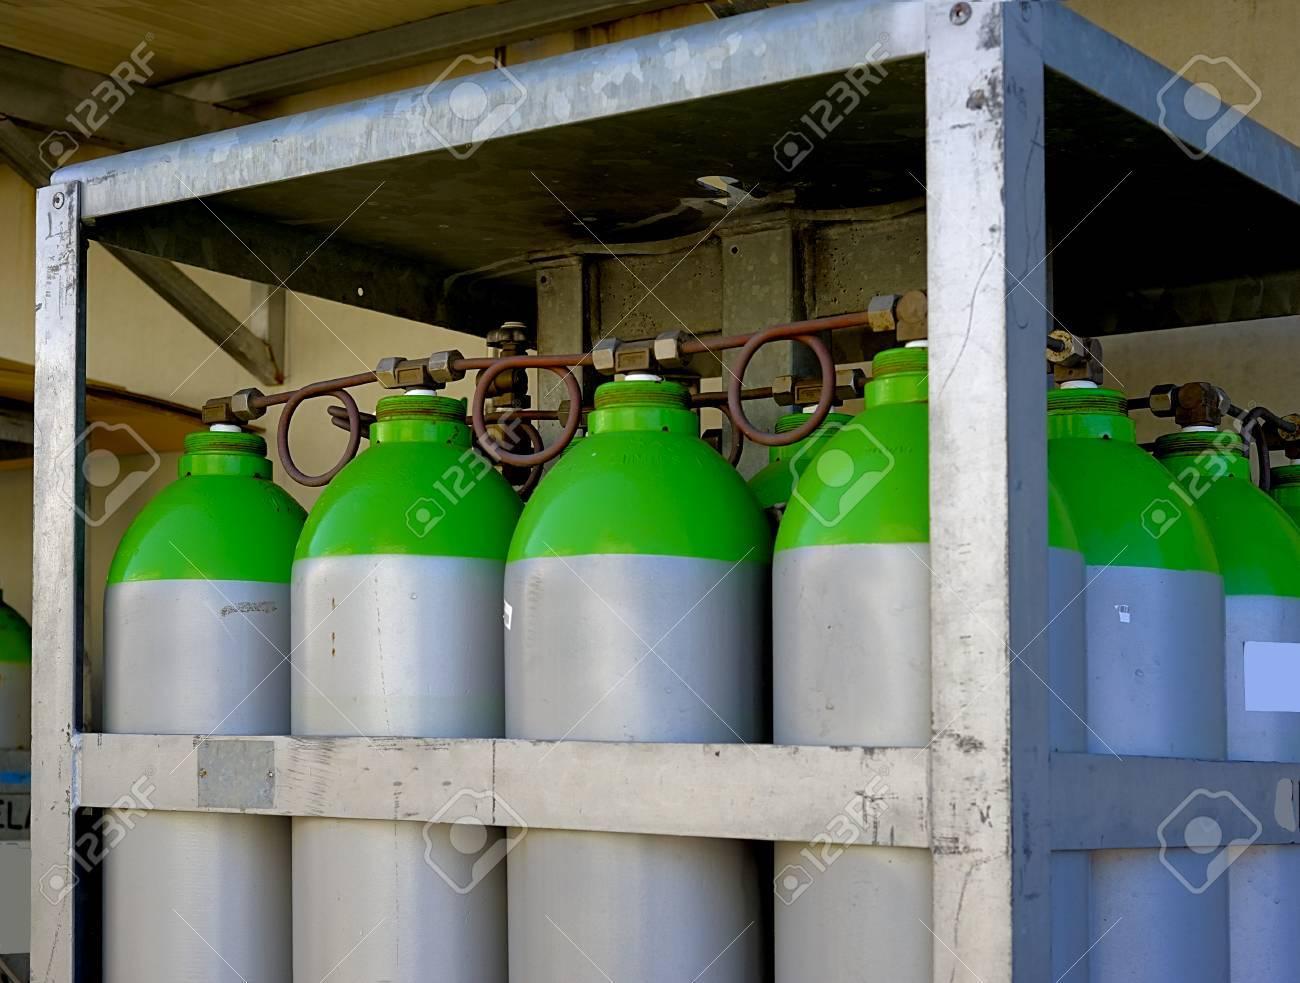 un groupe de bouteilles de gaz industriels dispose dans une armoire a l exterieur d une usine banque d images et photos libres de droits image 50157894